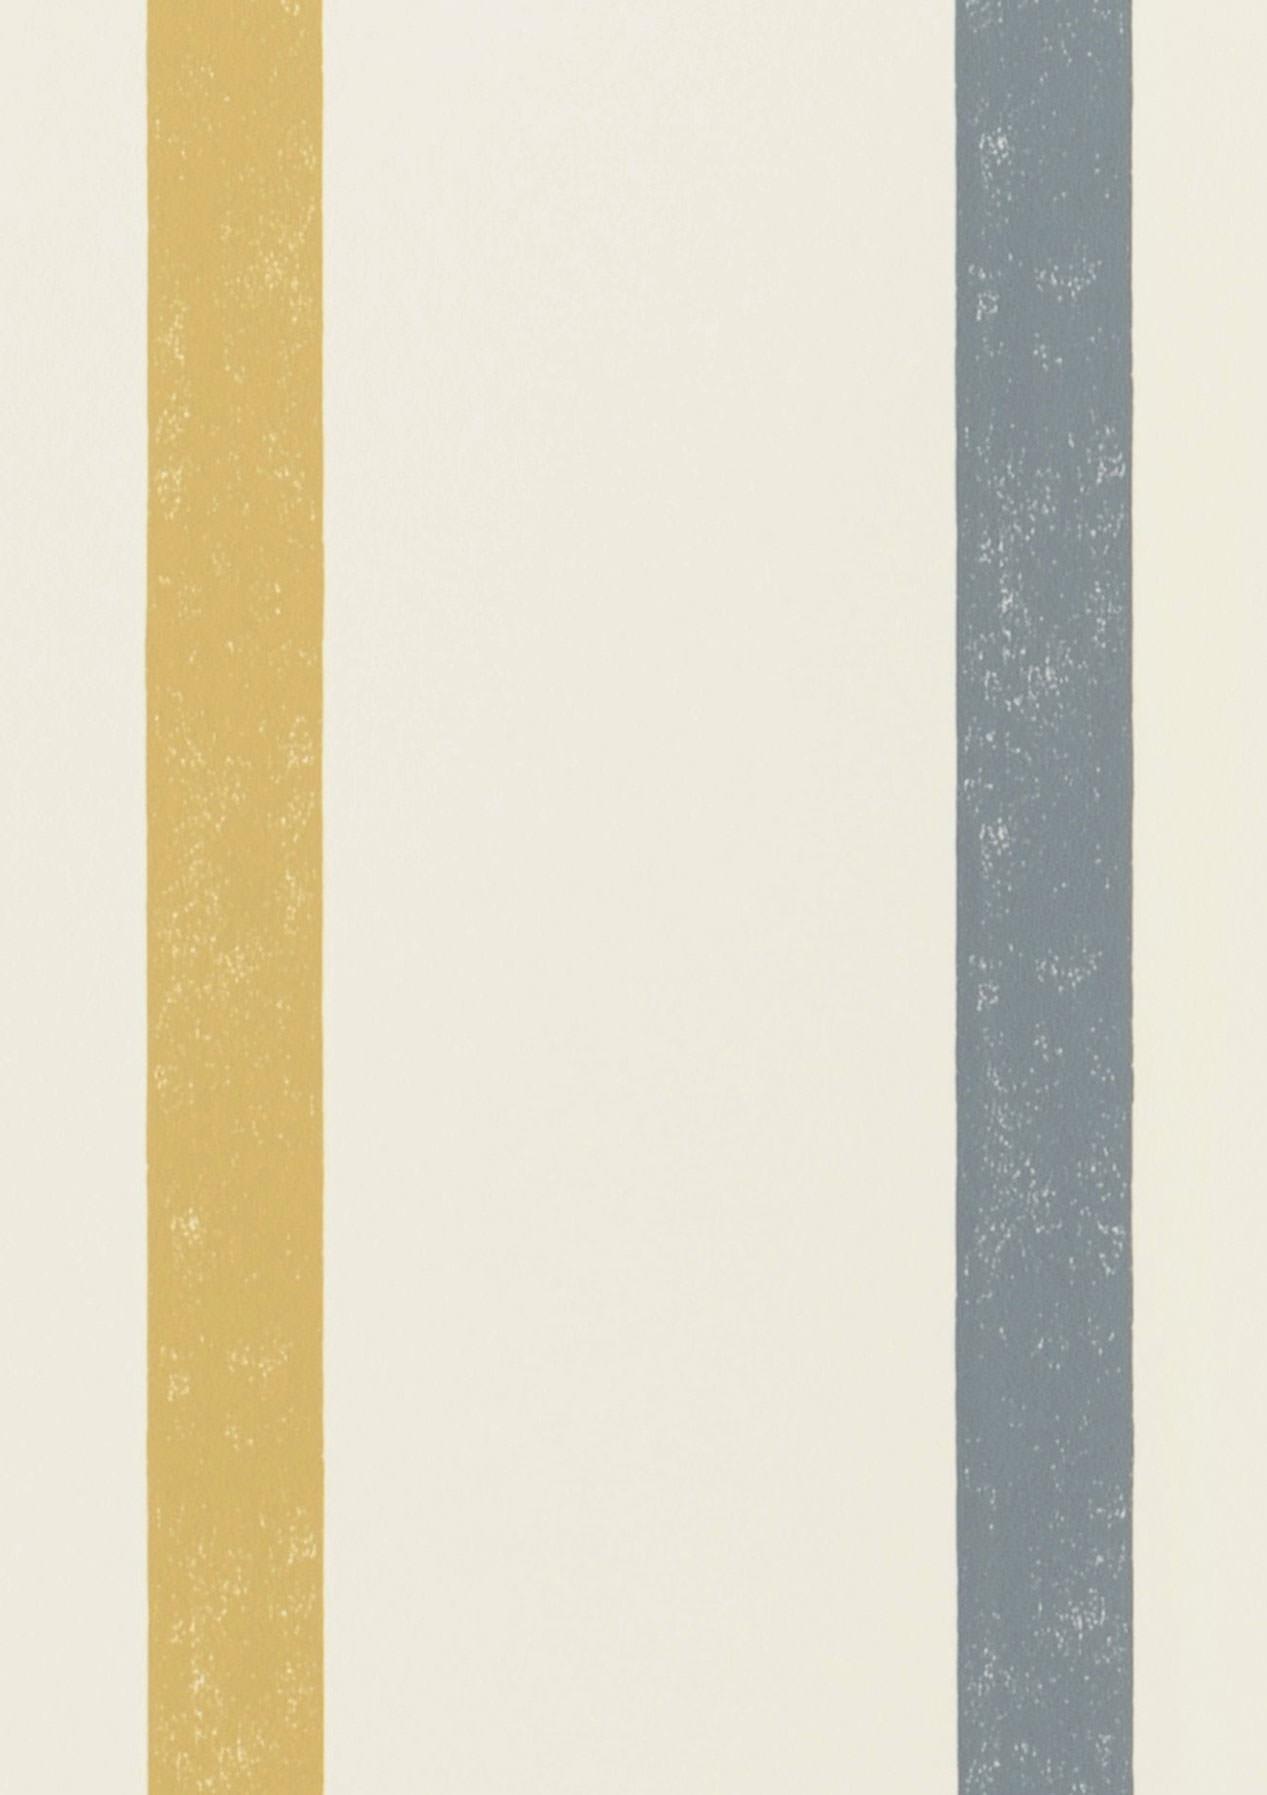 Carta da parati sabira bianco crema beige blu for Carta da parati beige